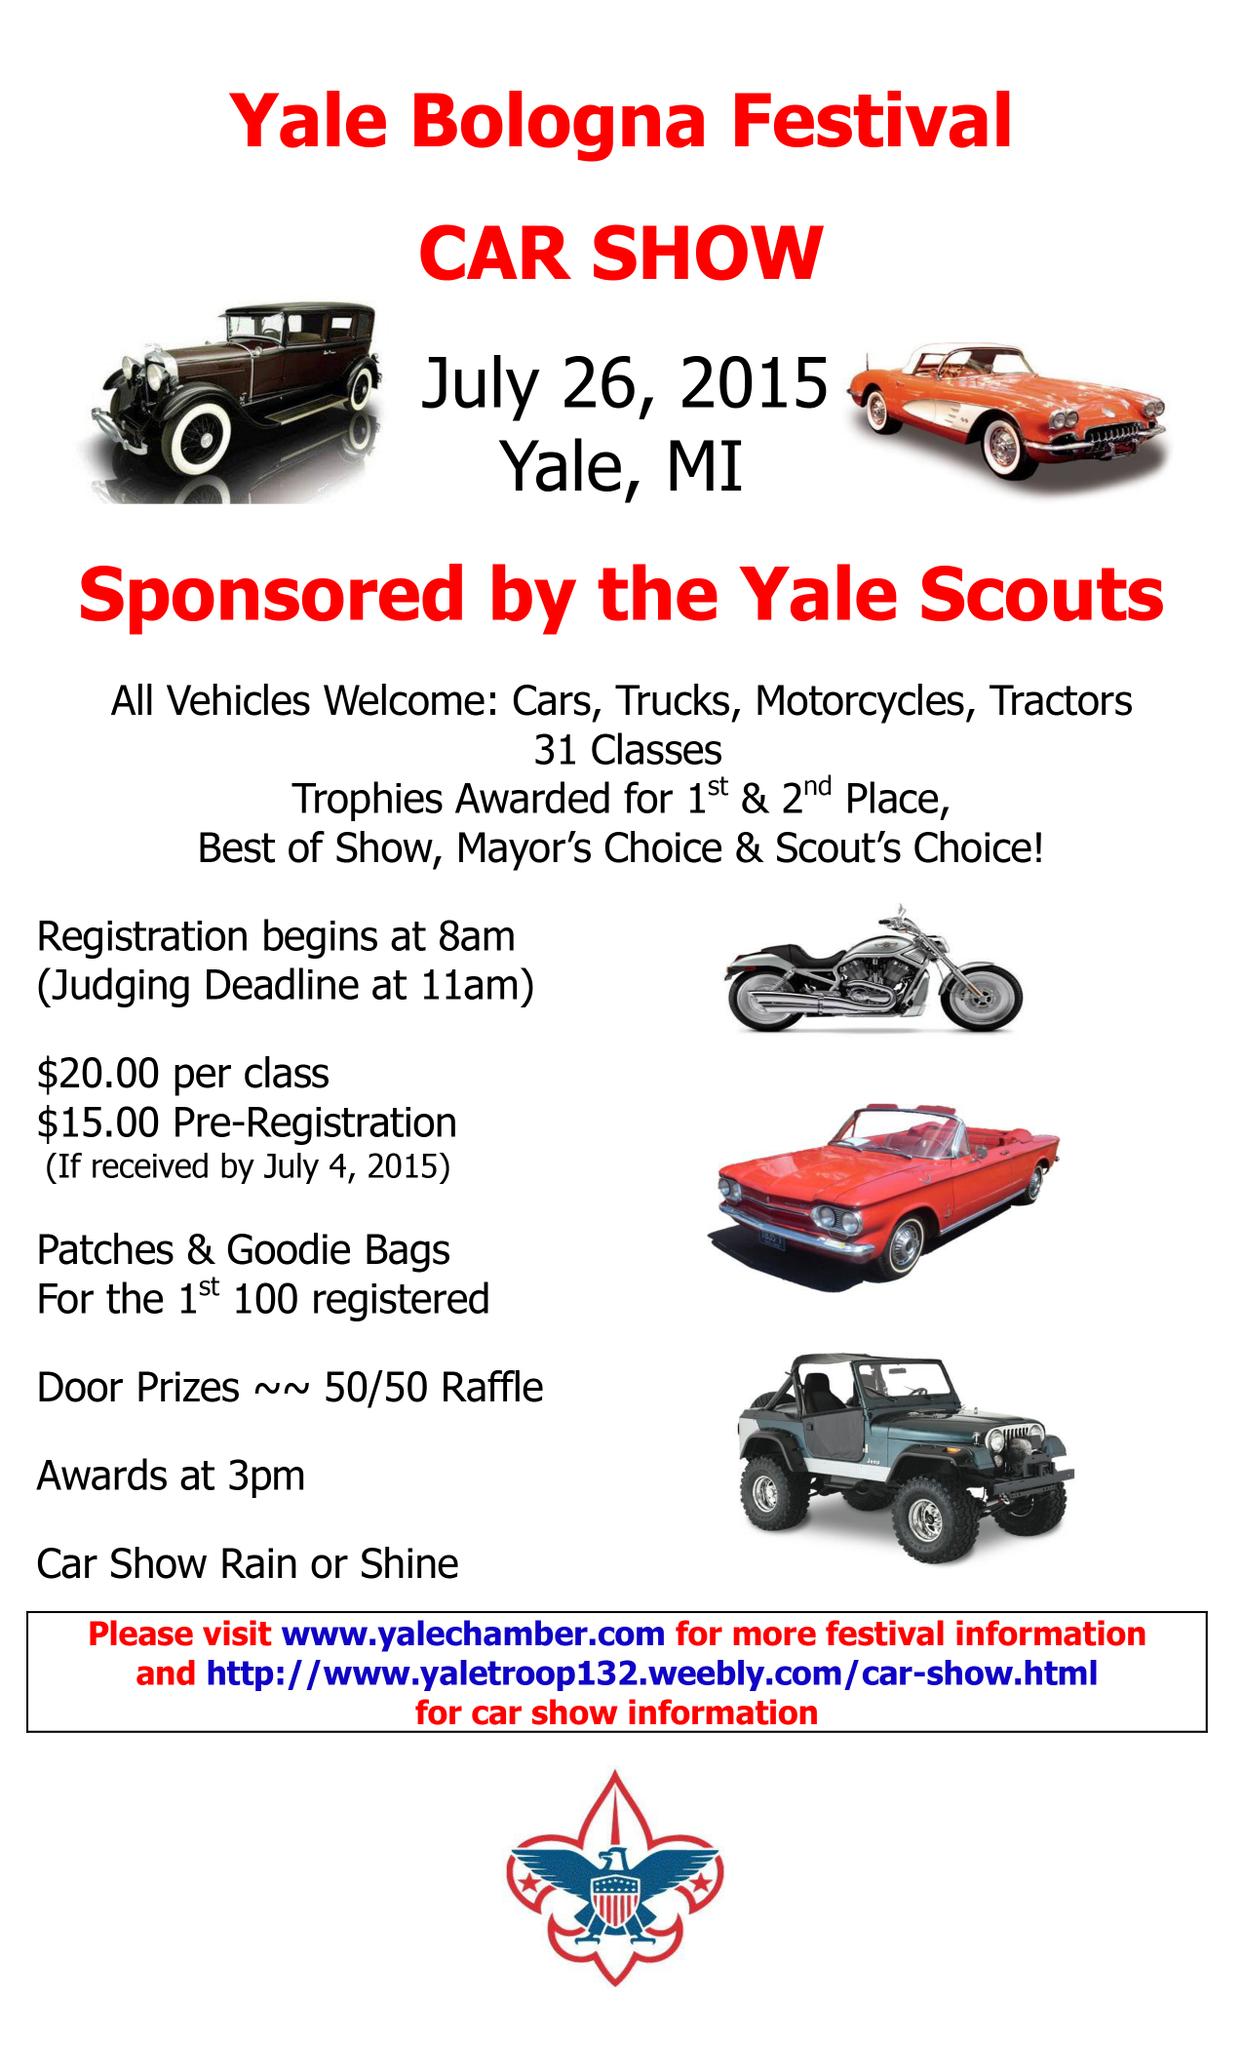 Yale Bologna Festival Car Show